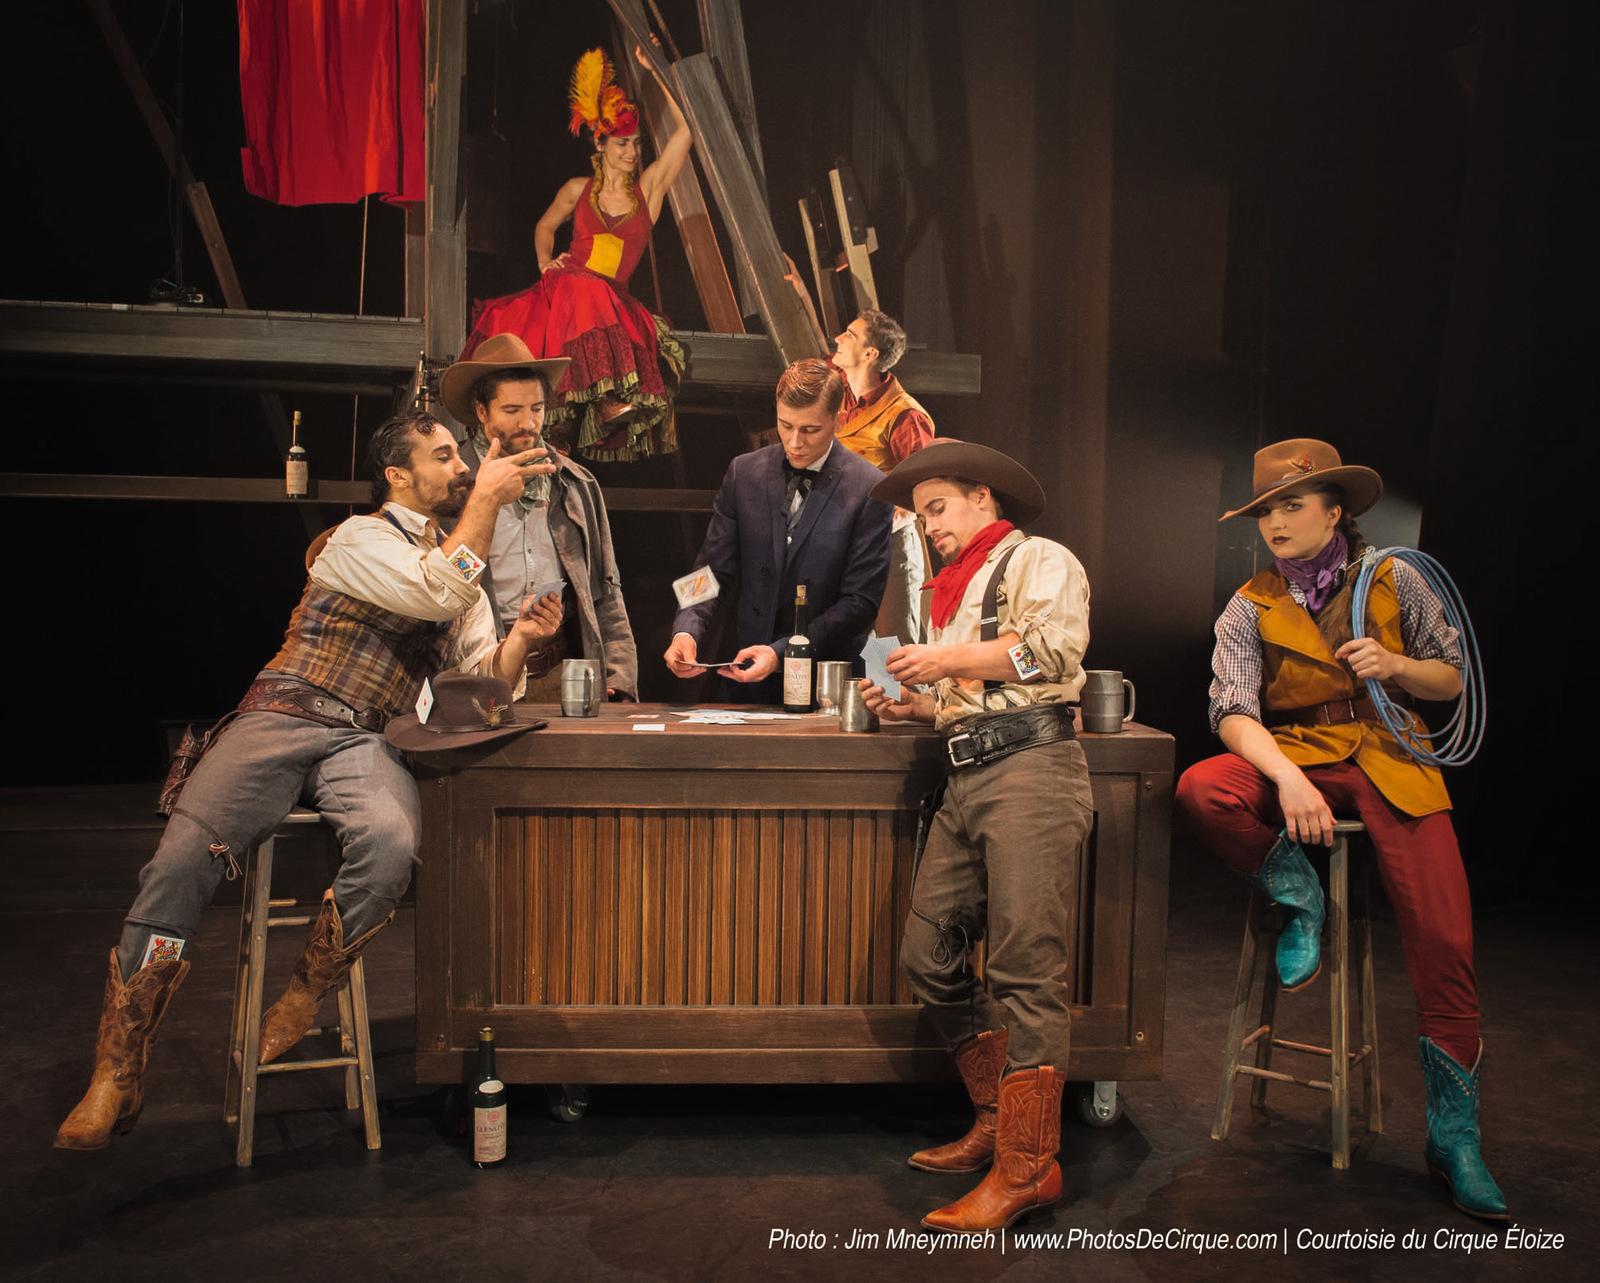 La troupe de Saloon, un spectacle du cirque Eloize © Jim Mneymneh